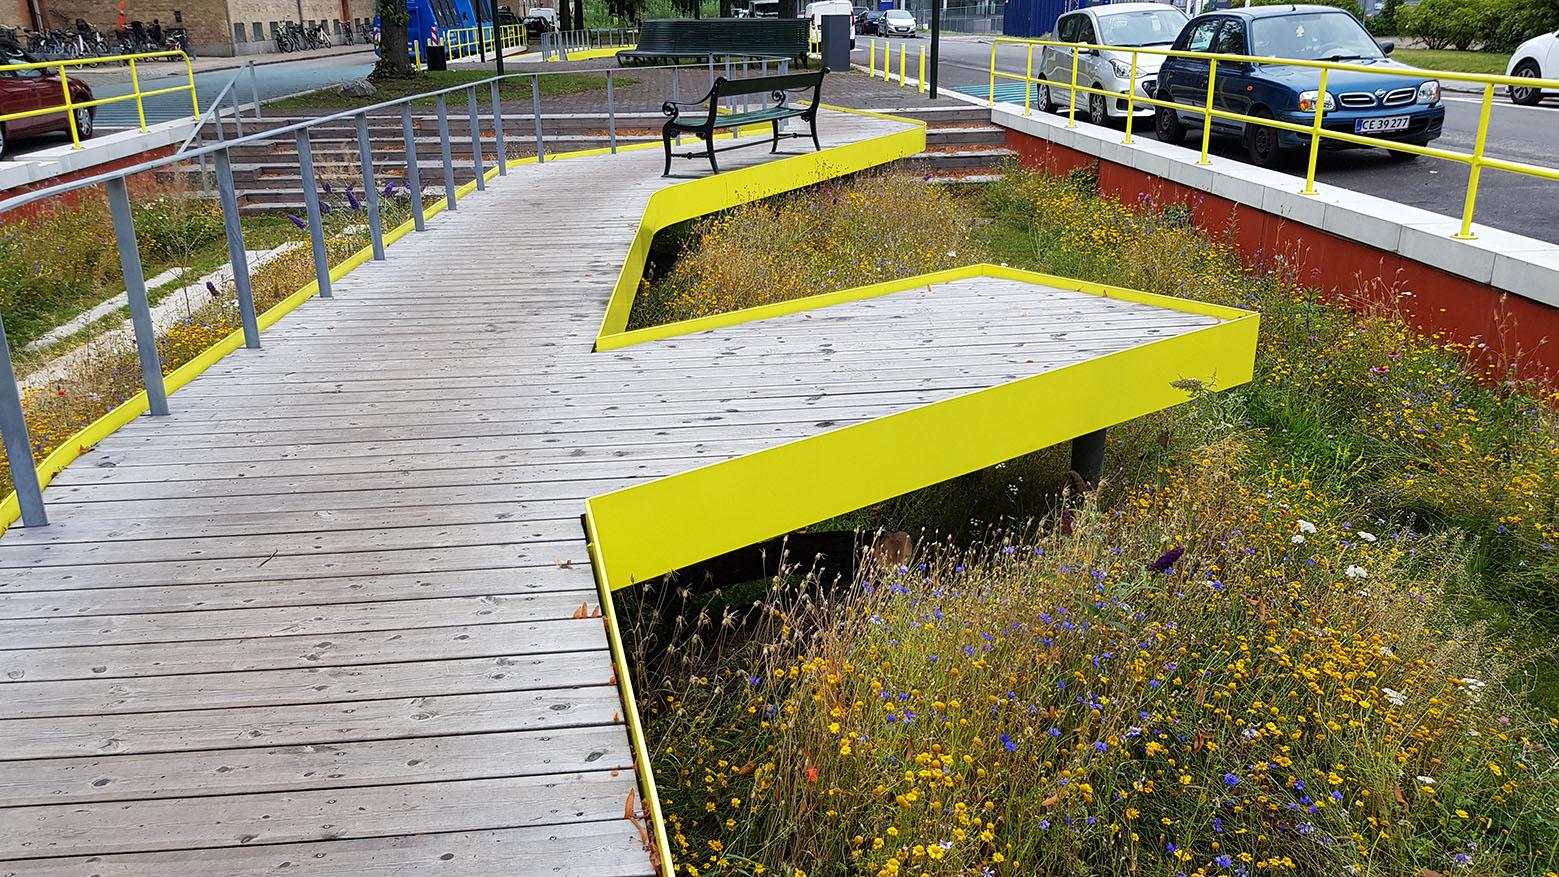 Byrummet indbyder til naturoplevelser gennem de mange grønne omgivelser